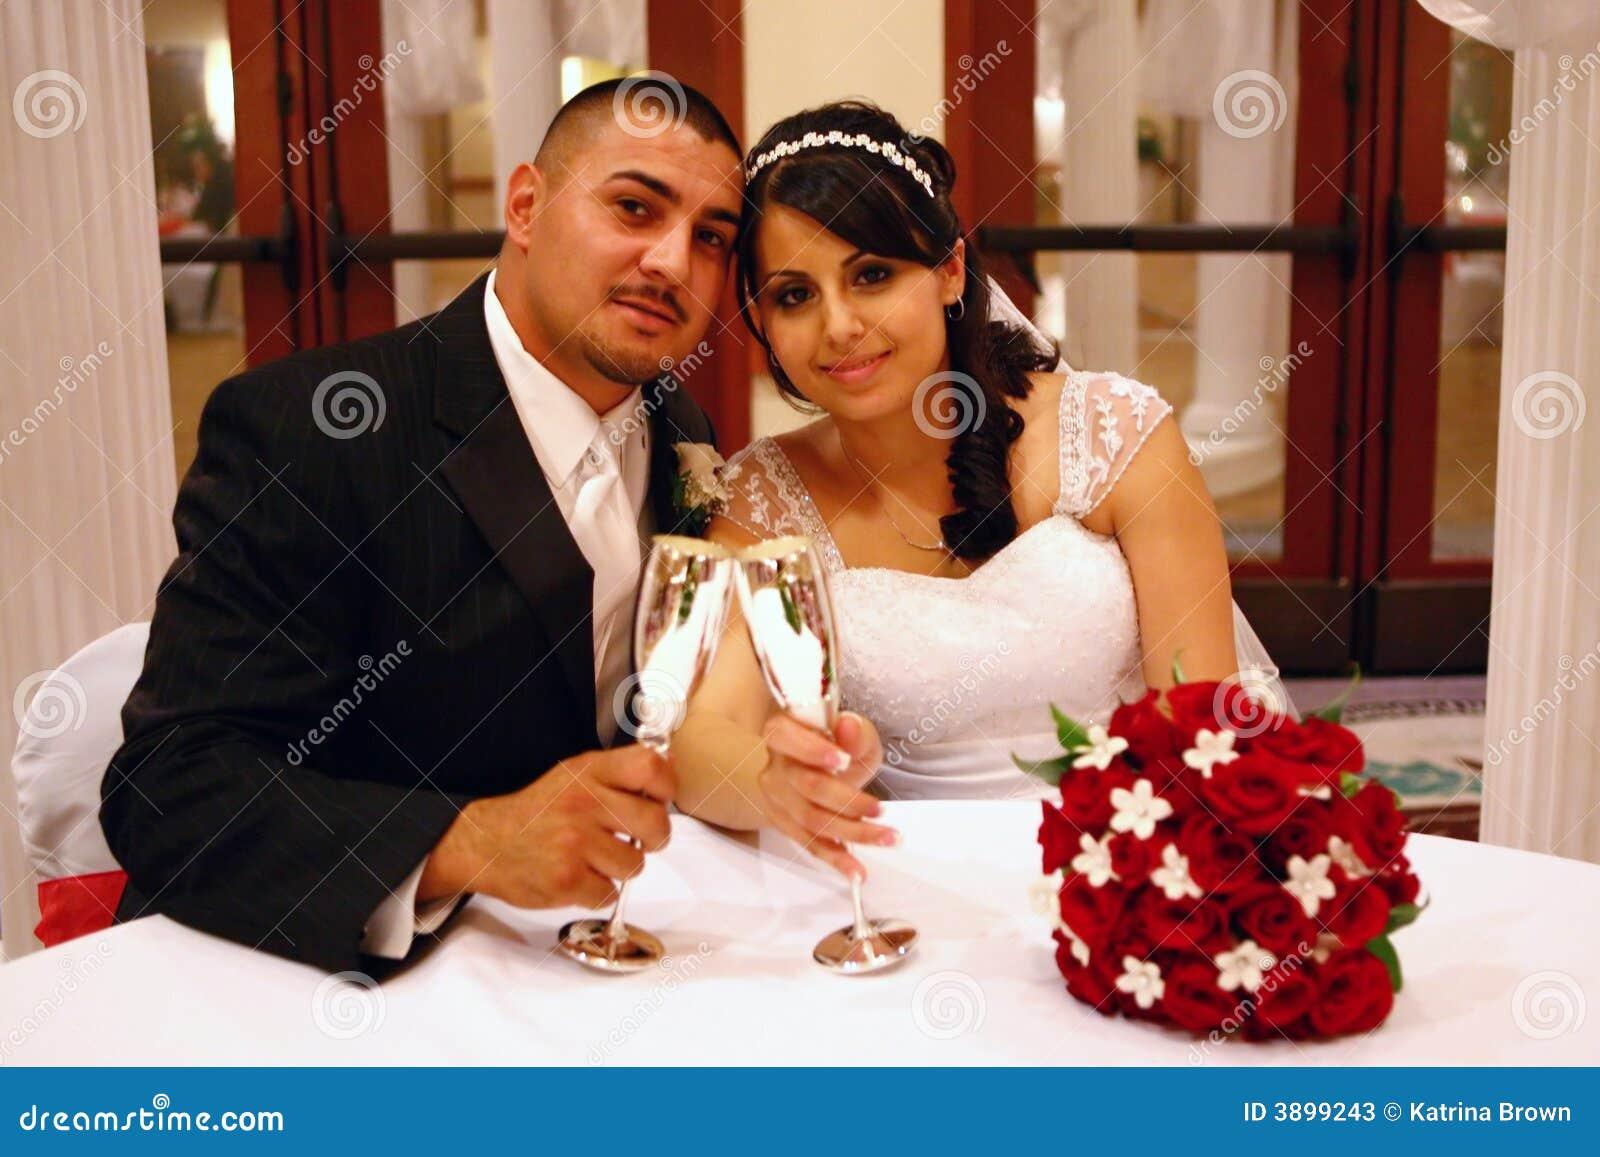 Latino Wedding Couple Toasting